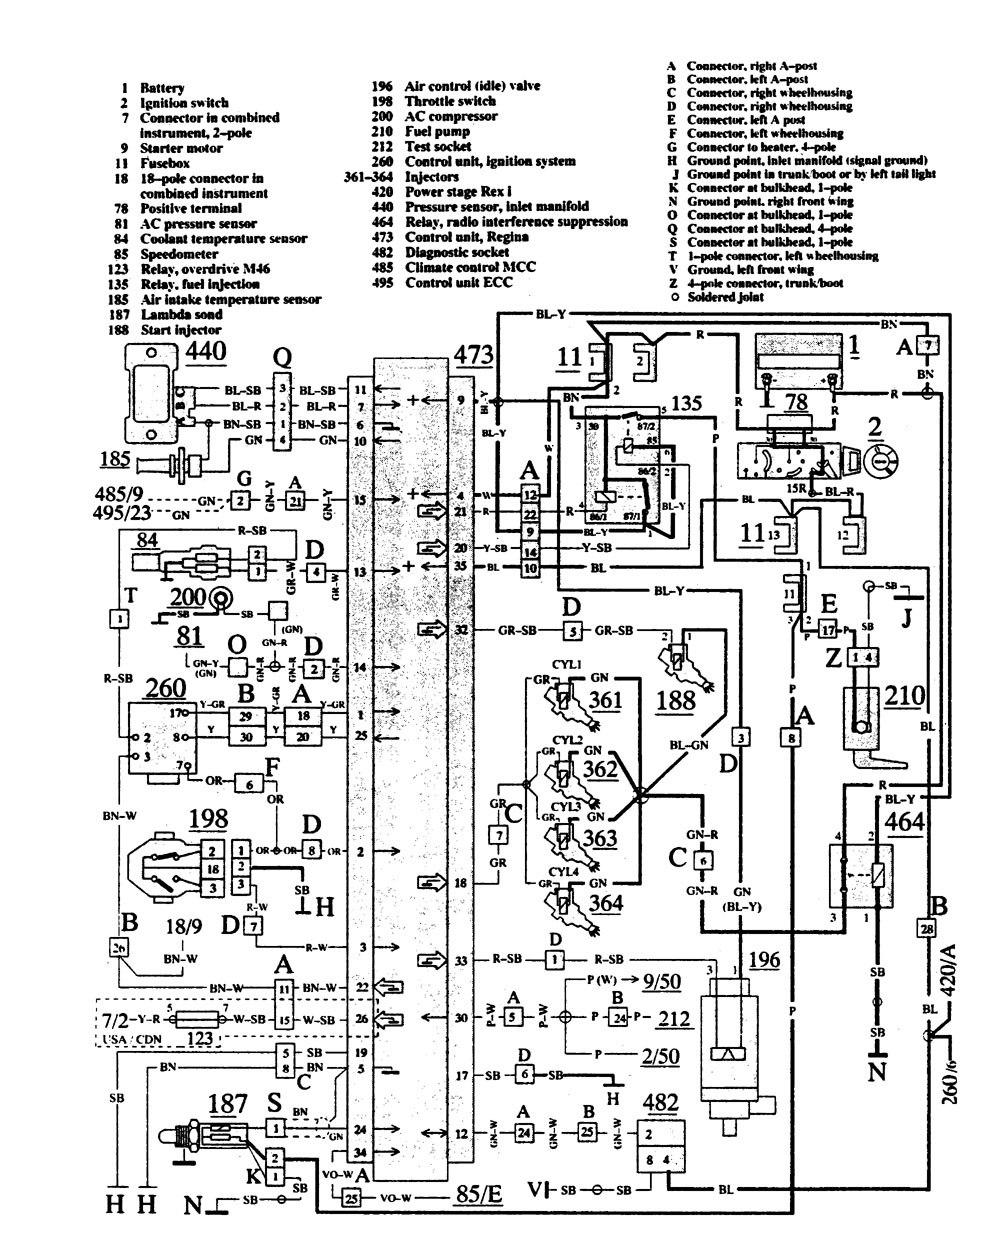 volvo 940  1991  - wiring diagrams - fuel controls